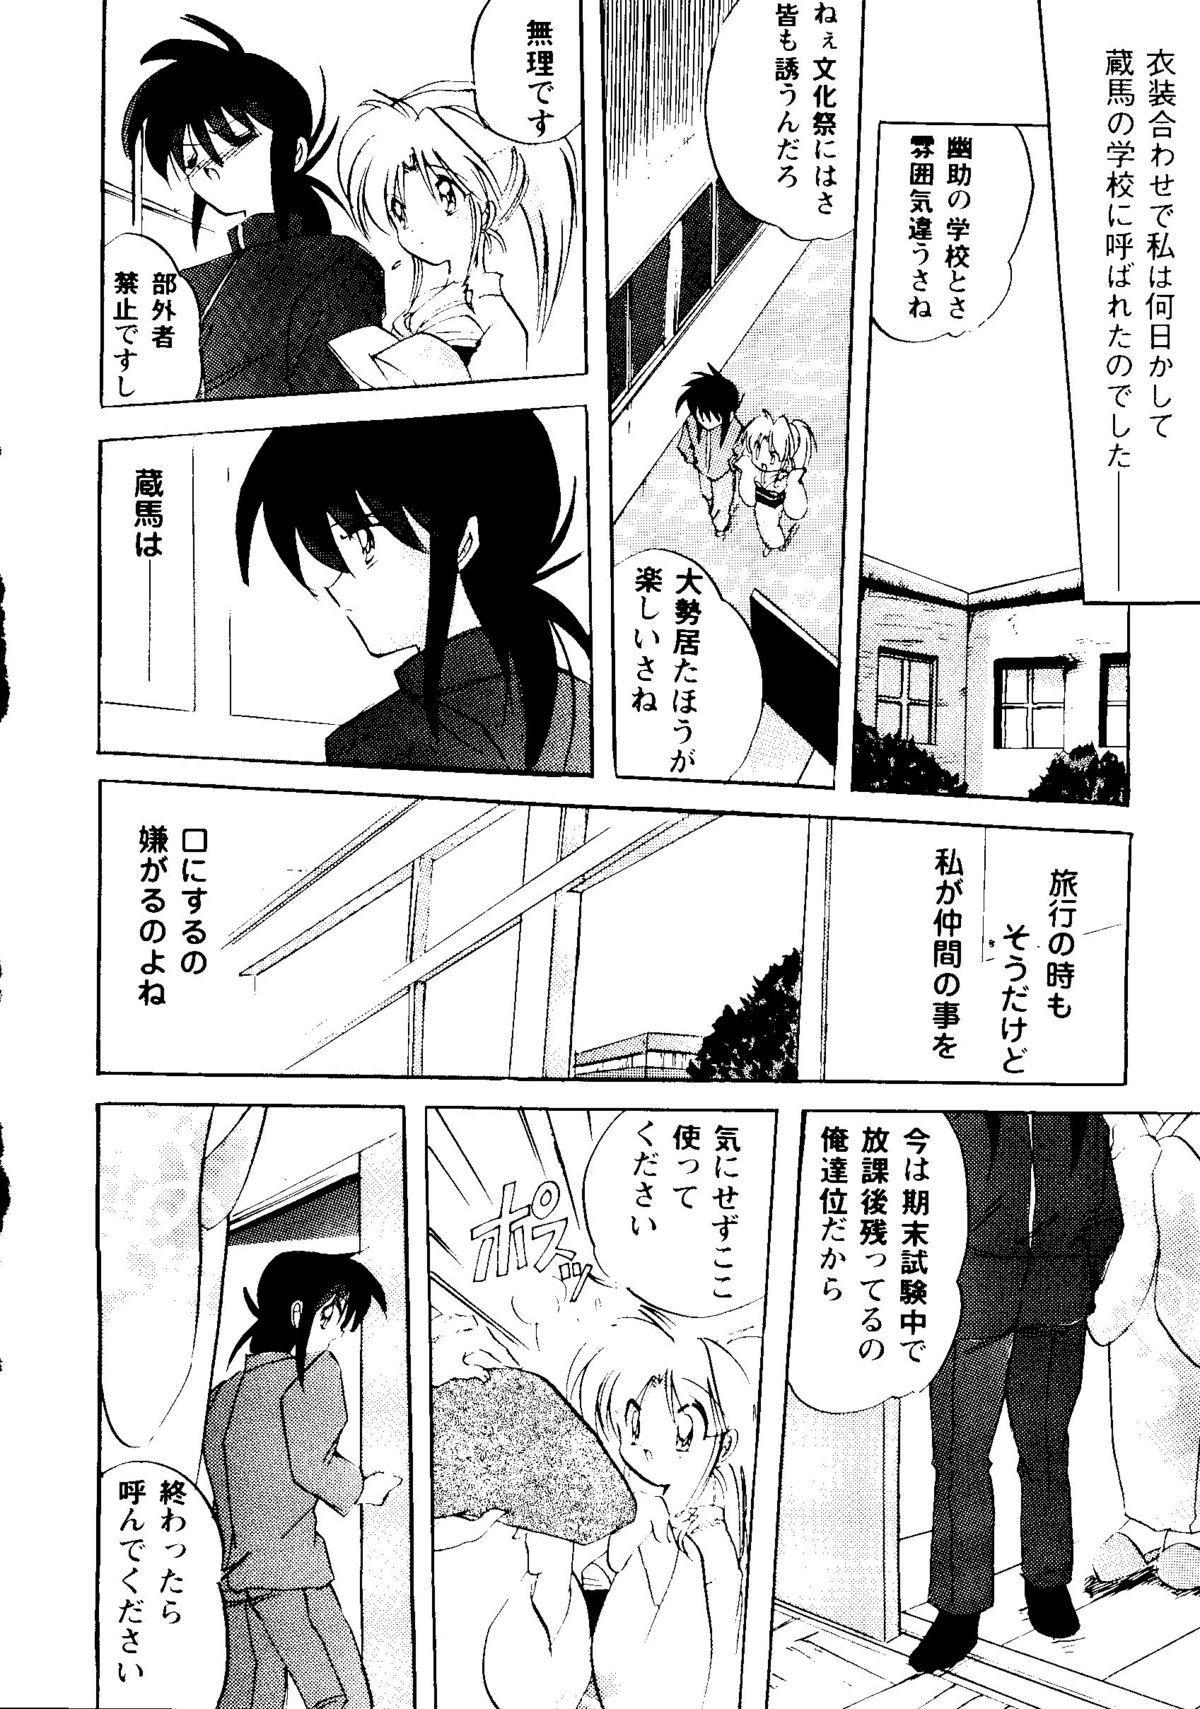 Bishoujo Doujinshi Anthology Cute 2 7